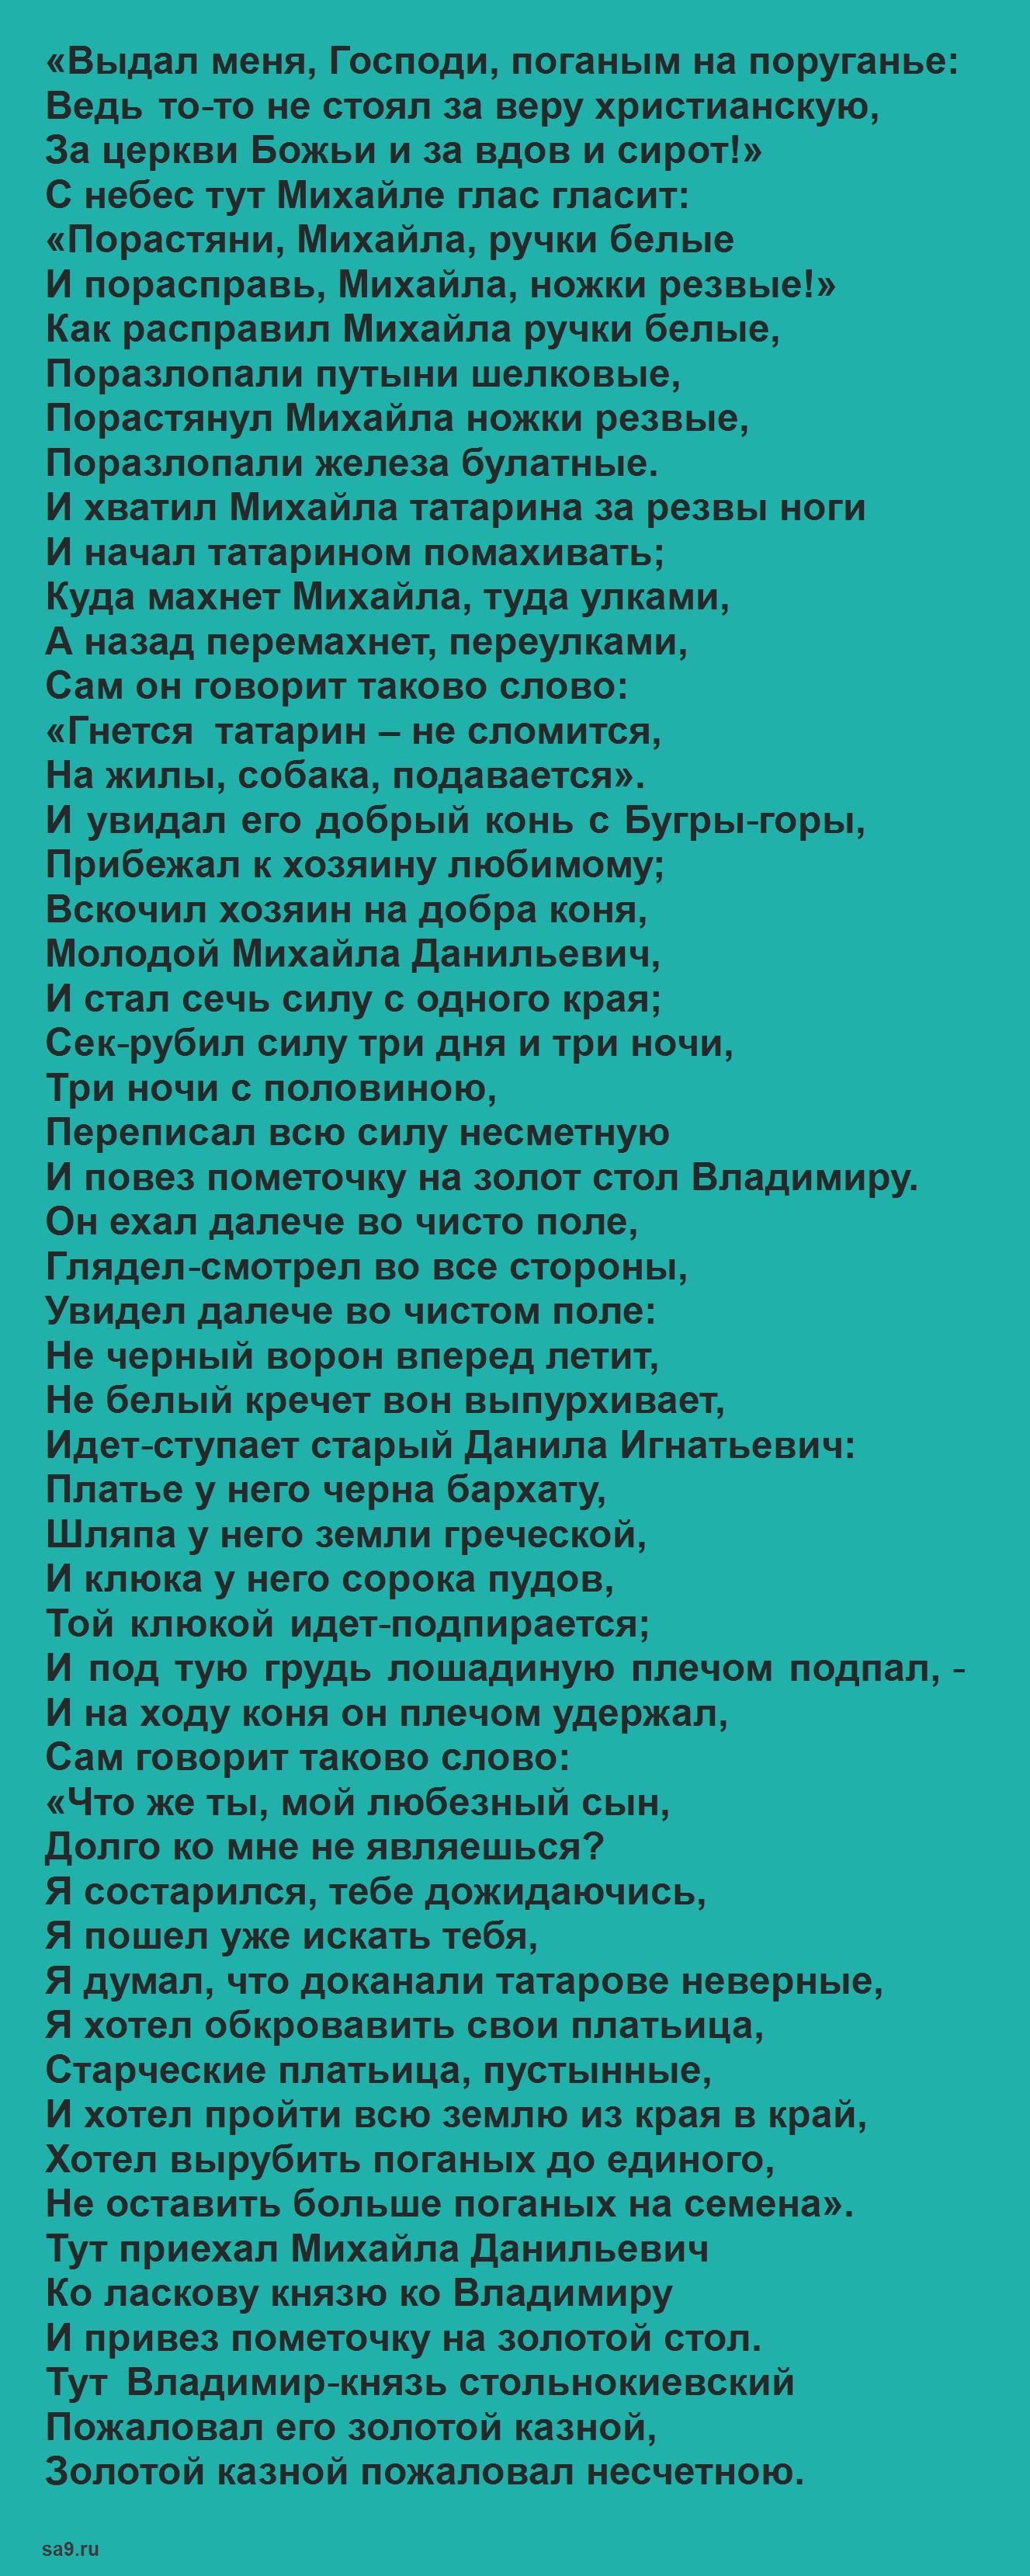 Читать былину - Михайло Данилович, полностью бесплатно